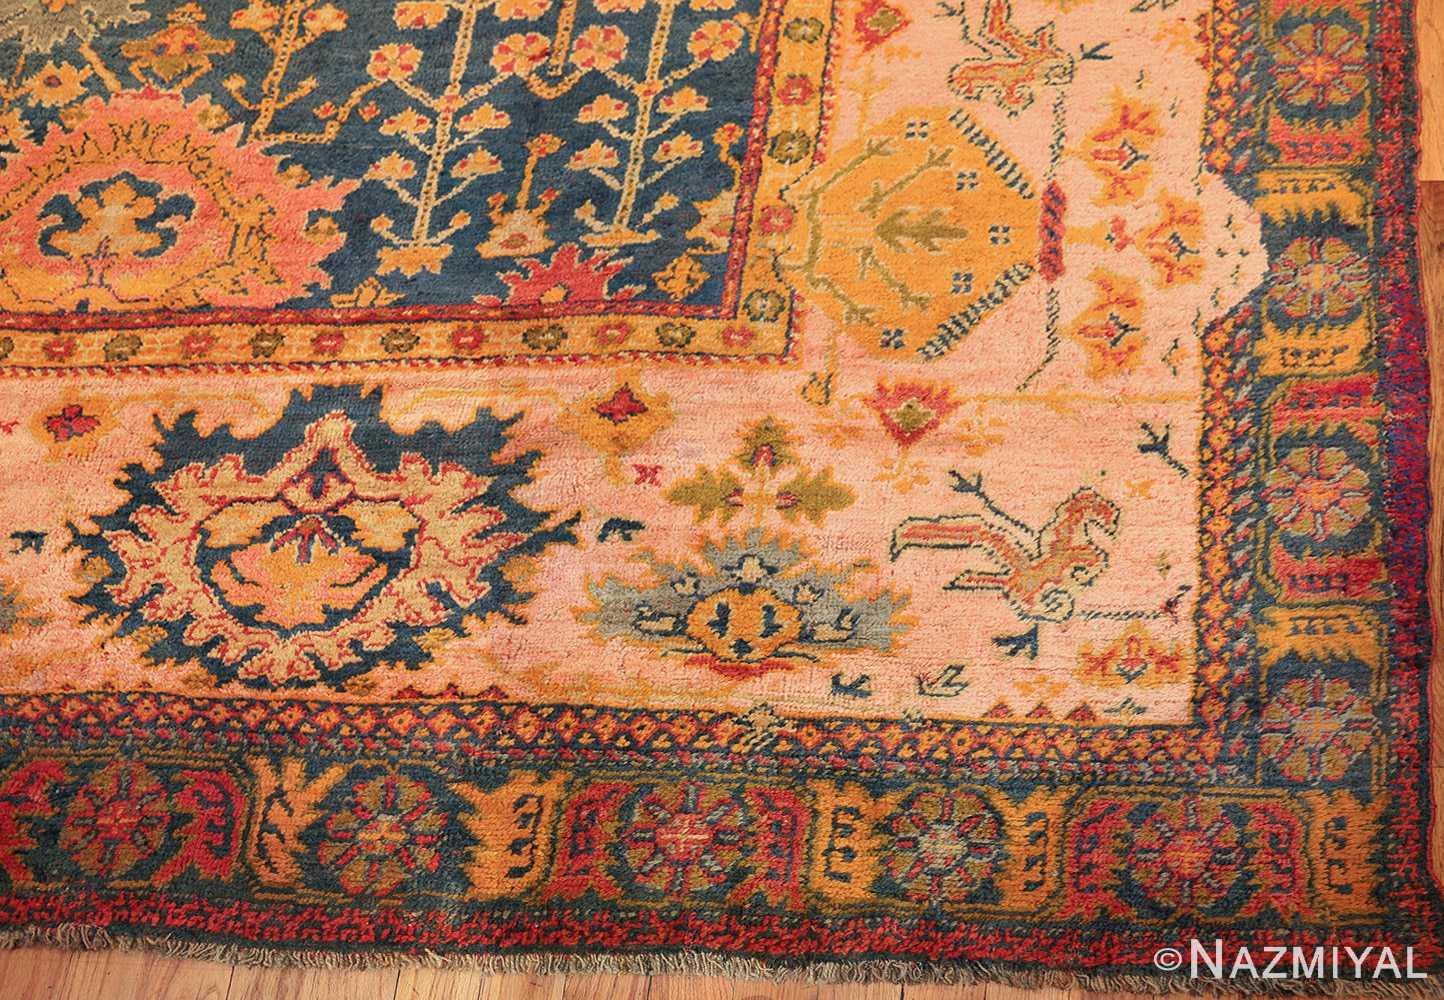 antique blue background turkish oushak rug 49108 corner edited Nazmiyal